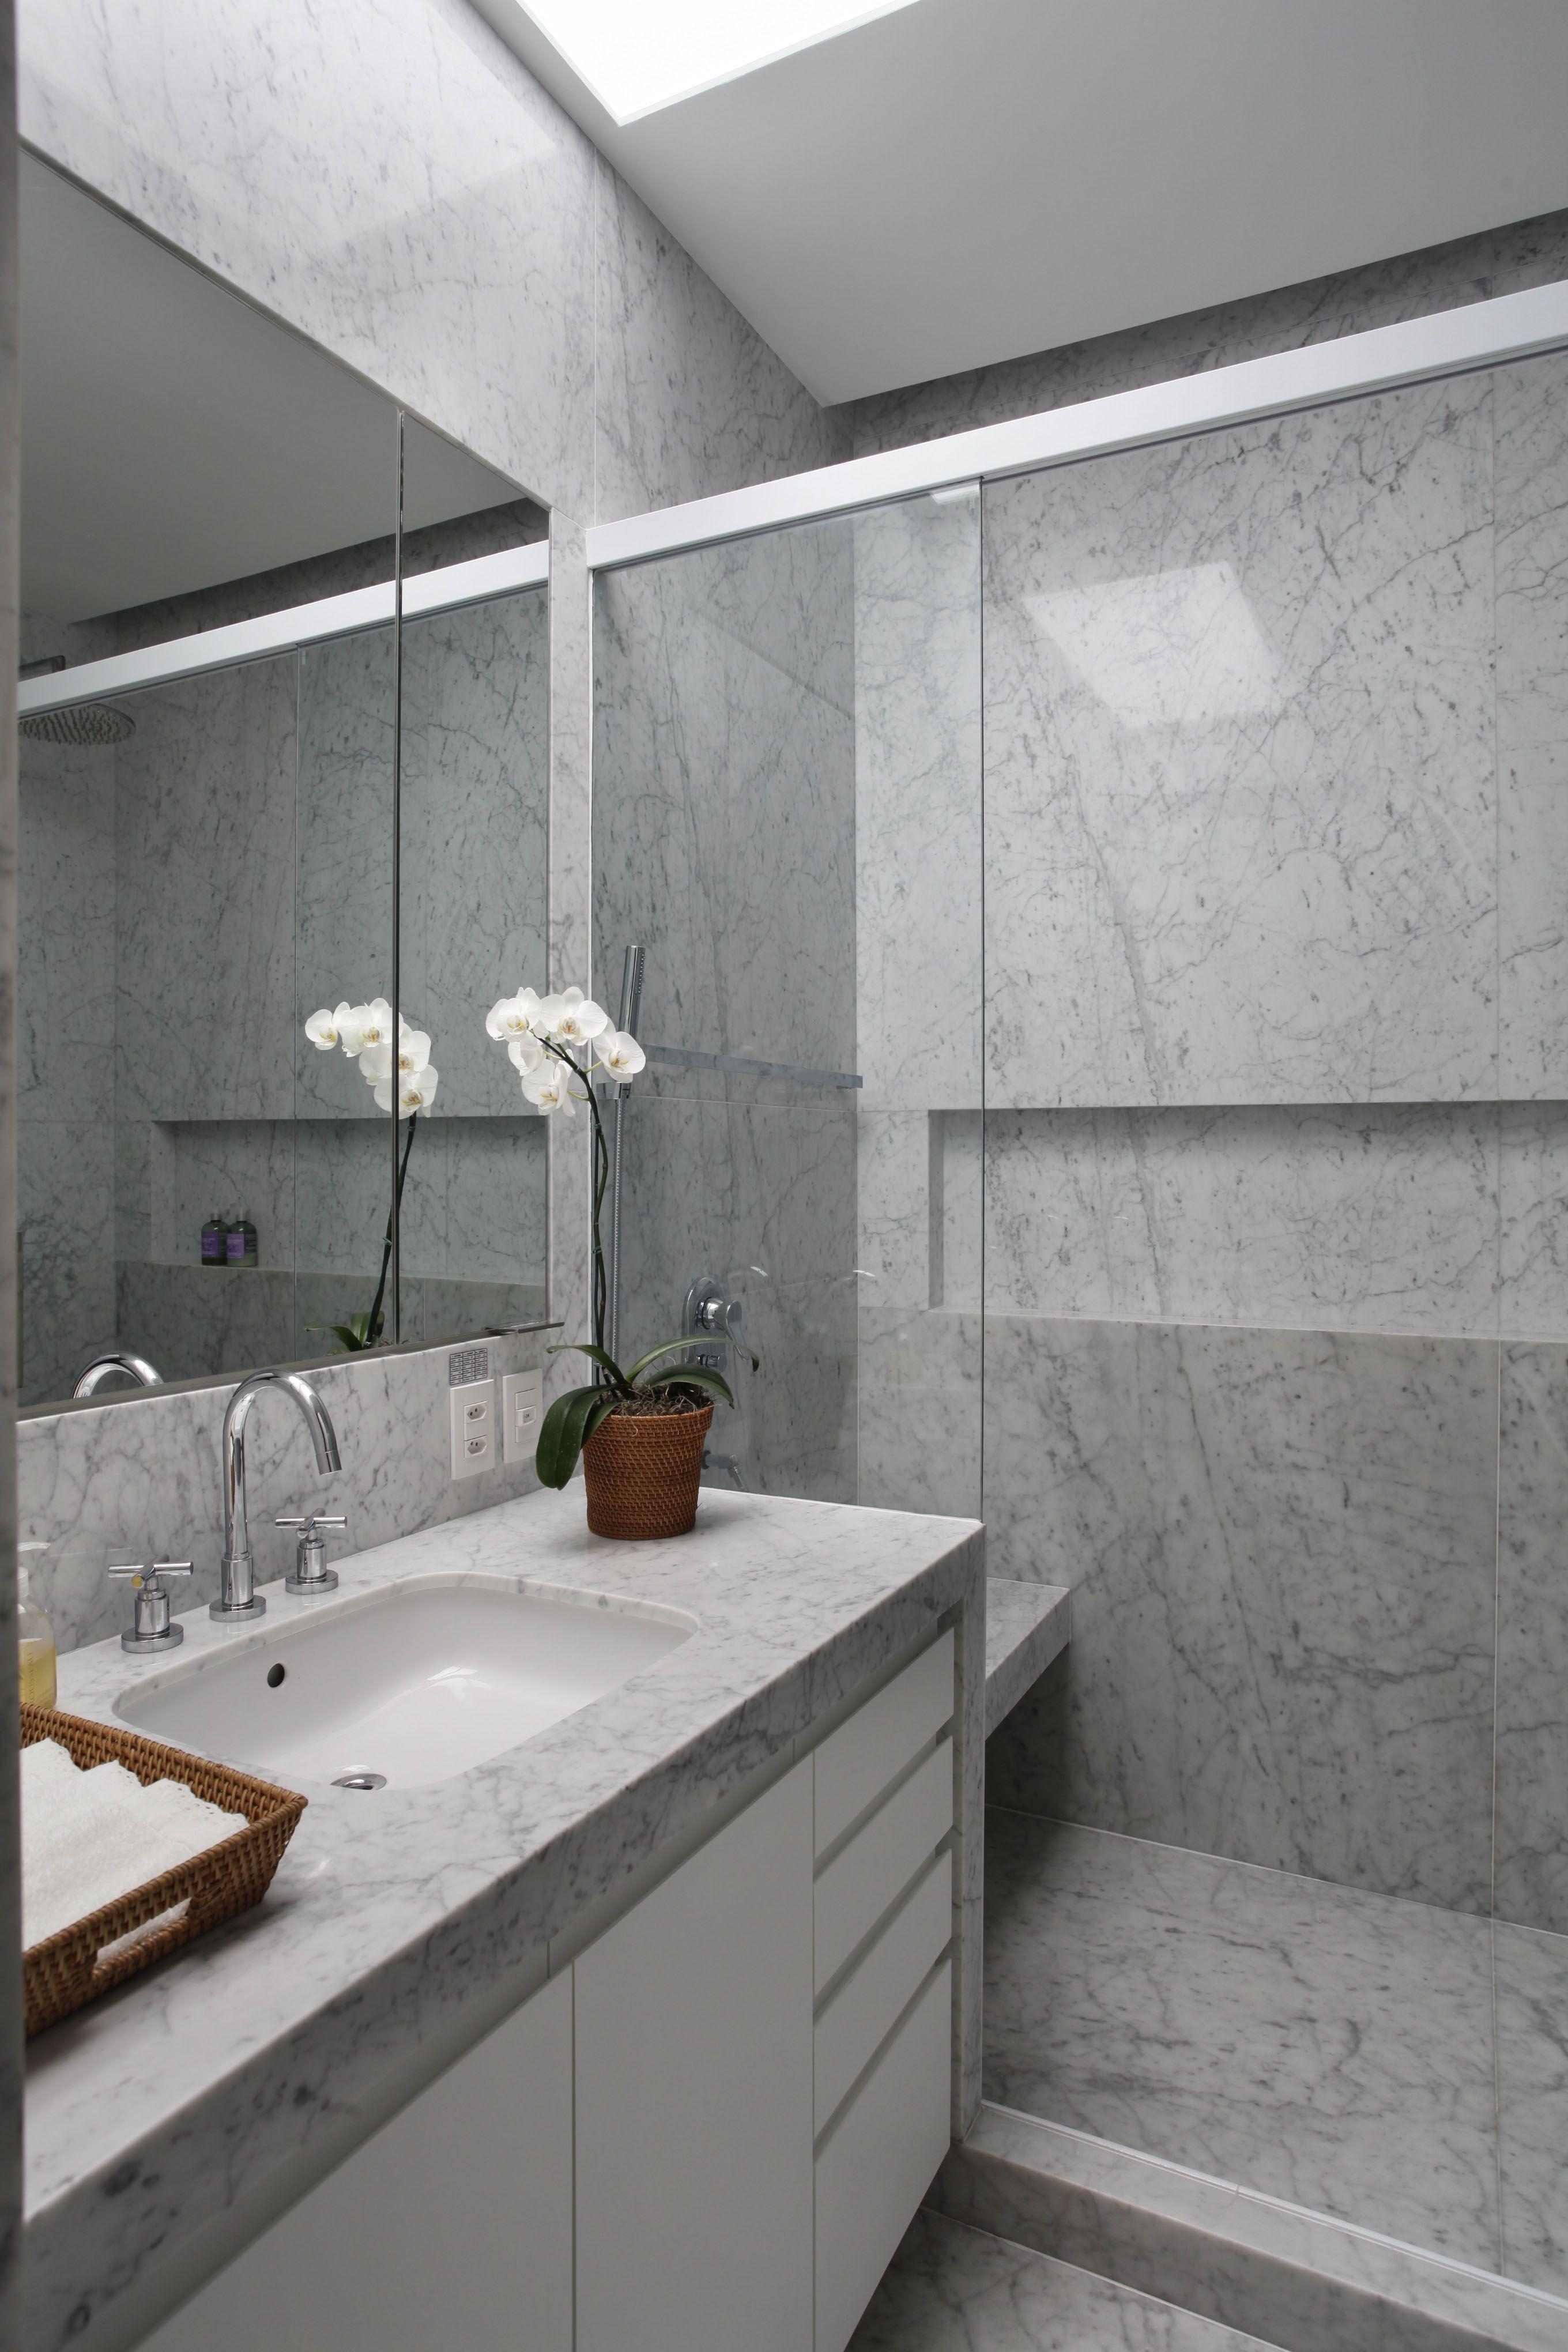 Nicho Para Banheiro Curitiba : Banheiro em m?rmore com nicho e banco no box espelho